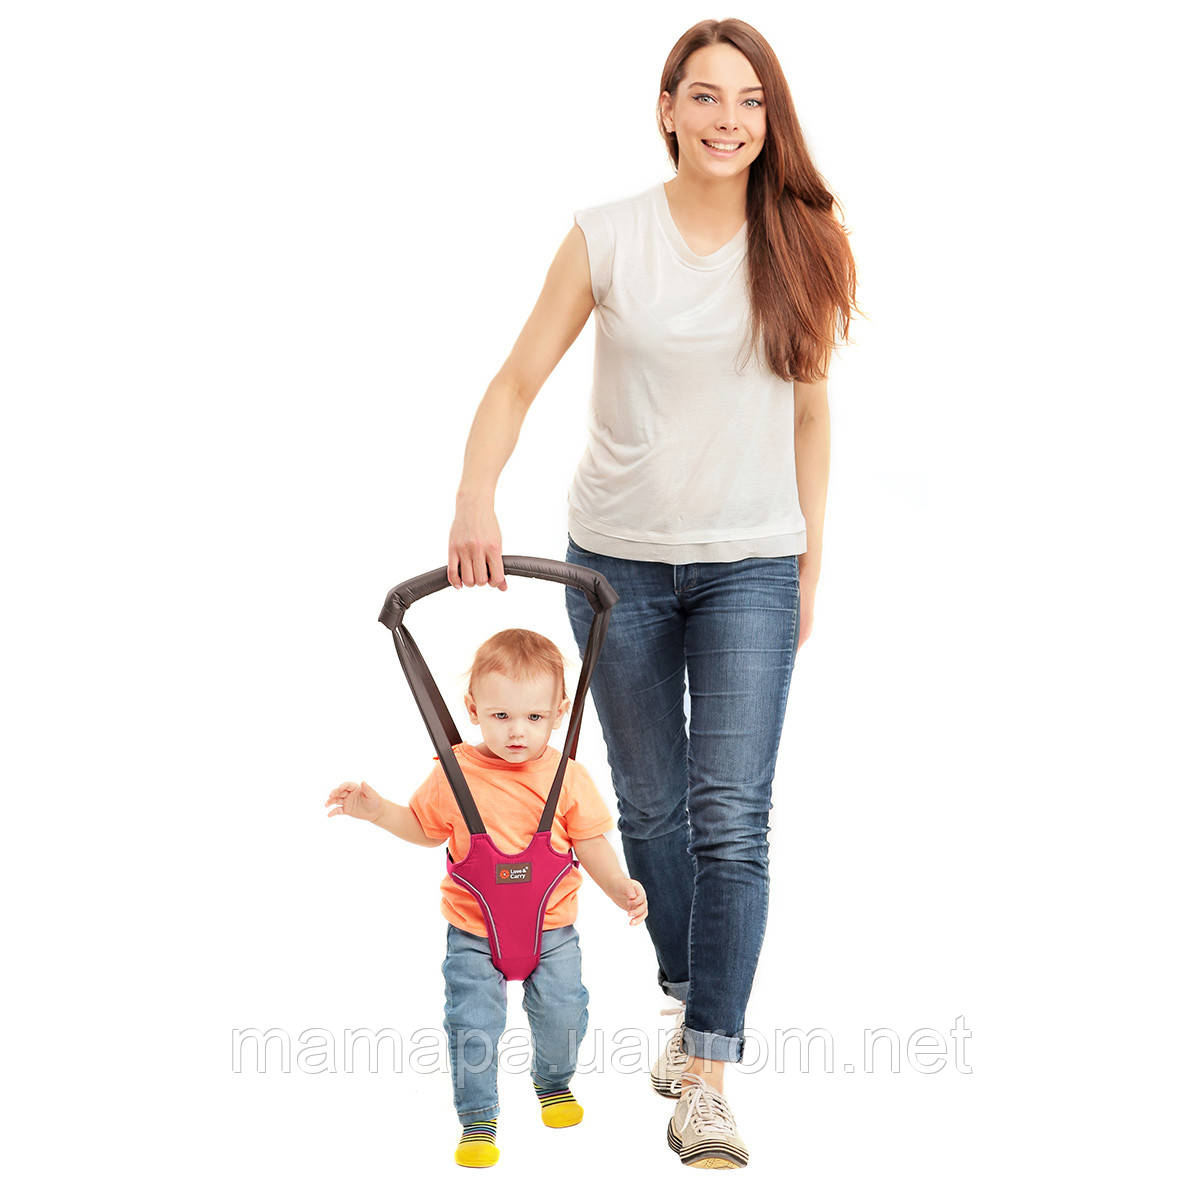 Детские вожжи Love & Carry® — Малиновые